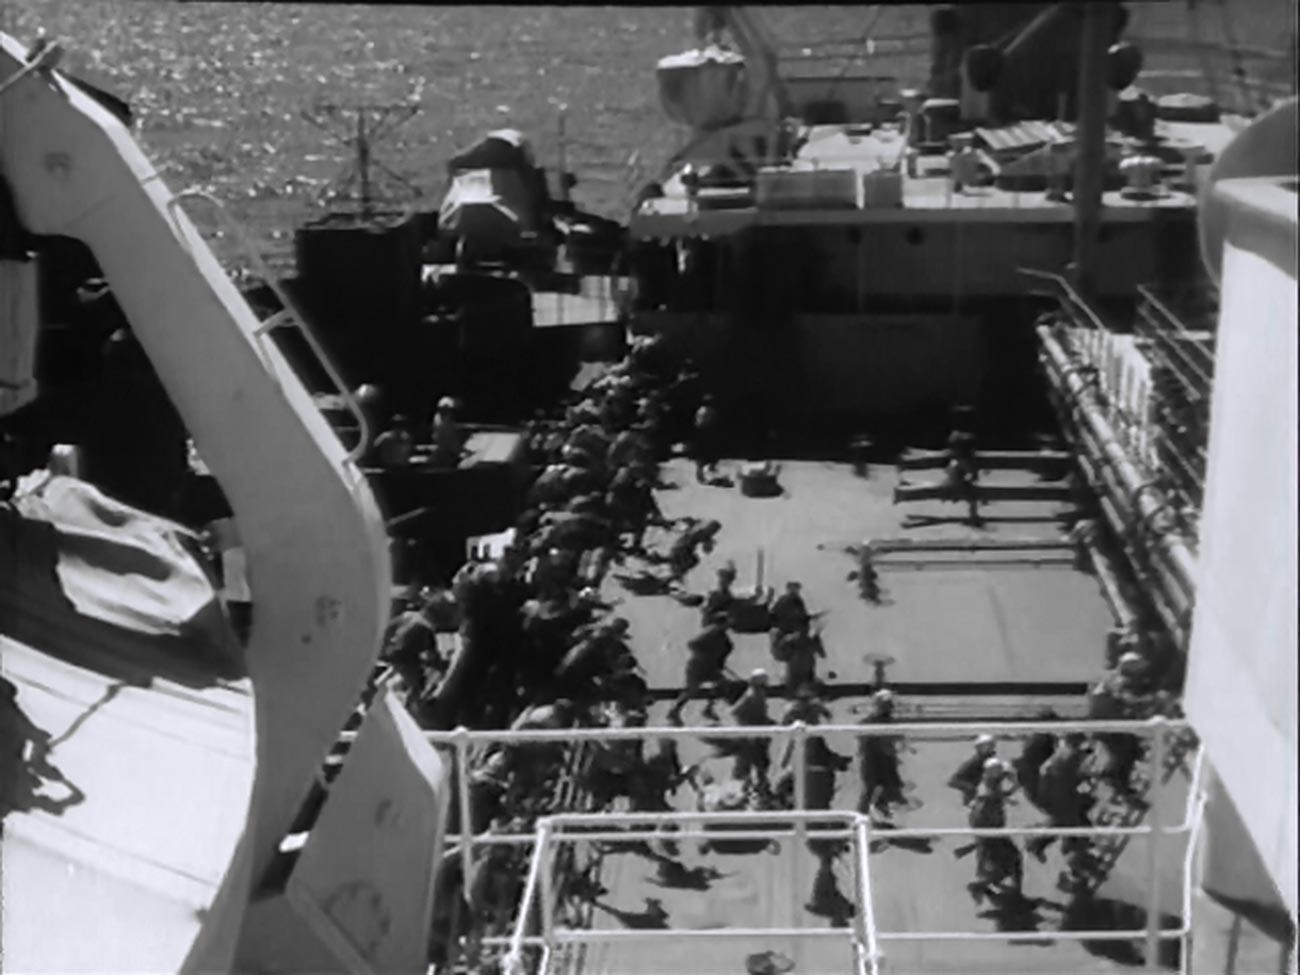 Захват тайваньцами советского танкера (кадр из художественного фильма «Ч. П. — Чрезвычайное происшествие», основанного на реальных событиях).